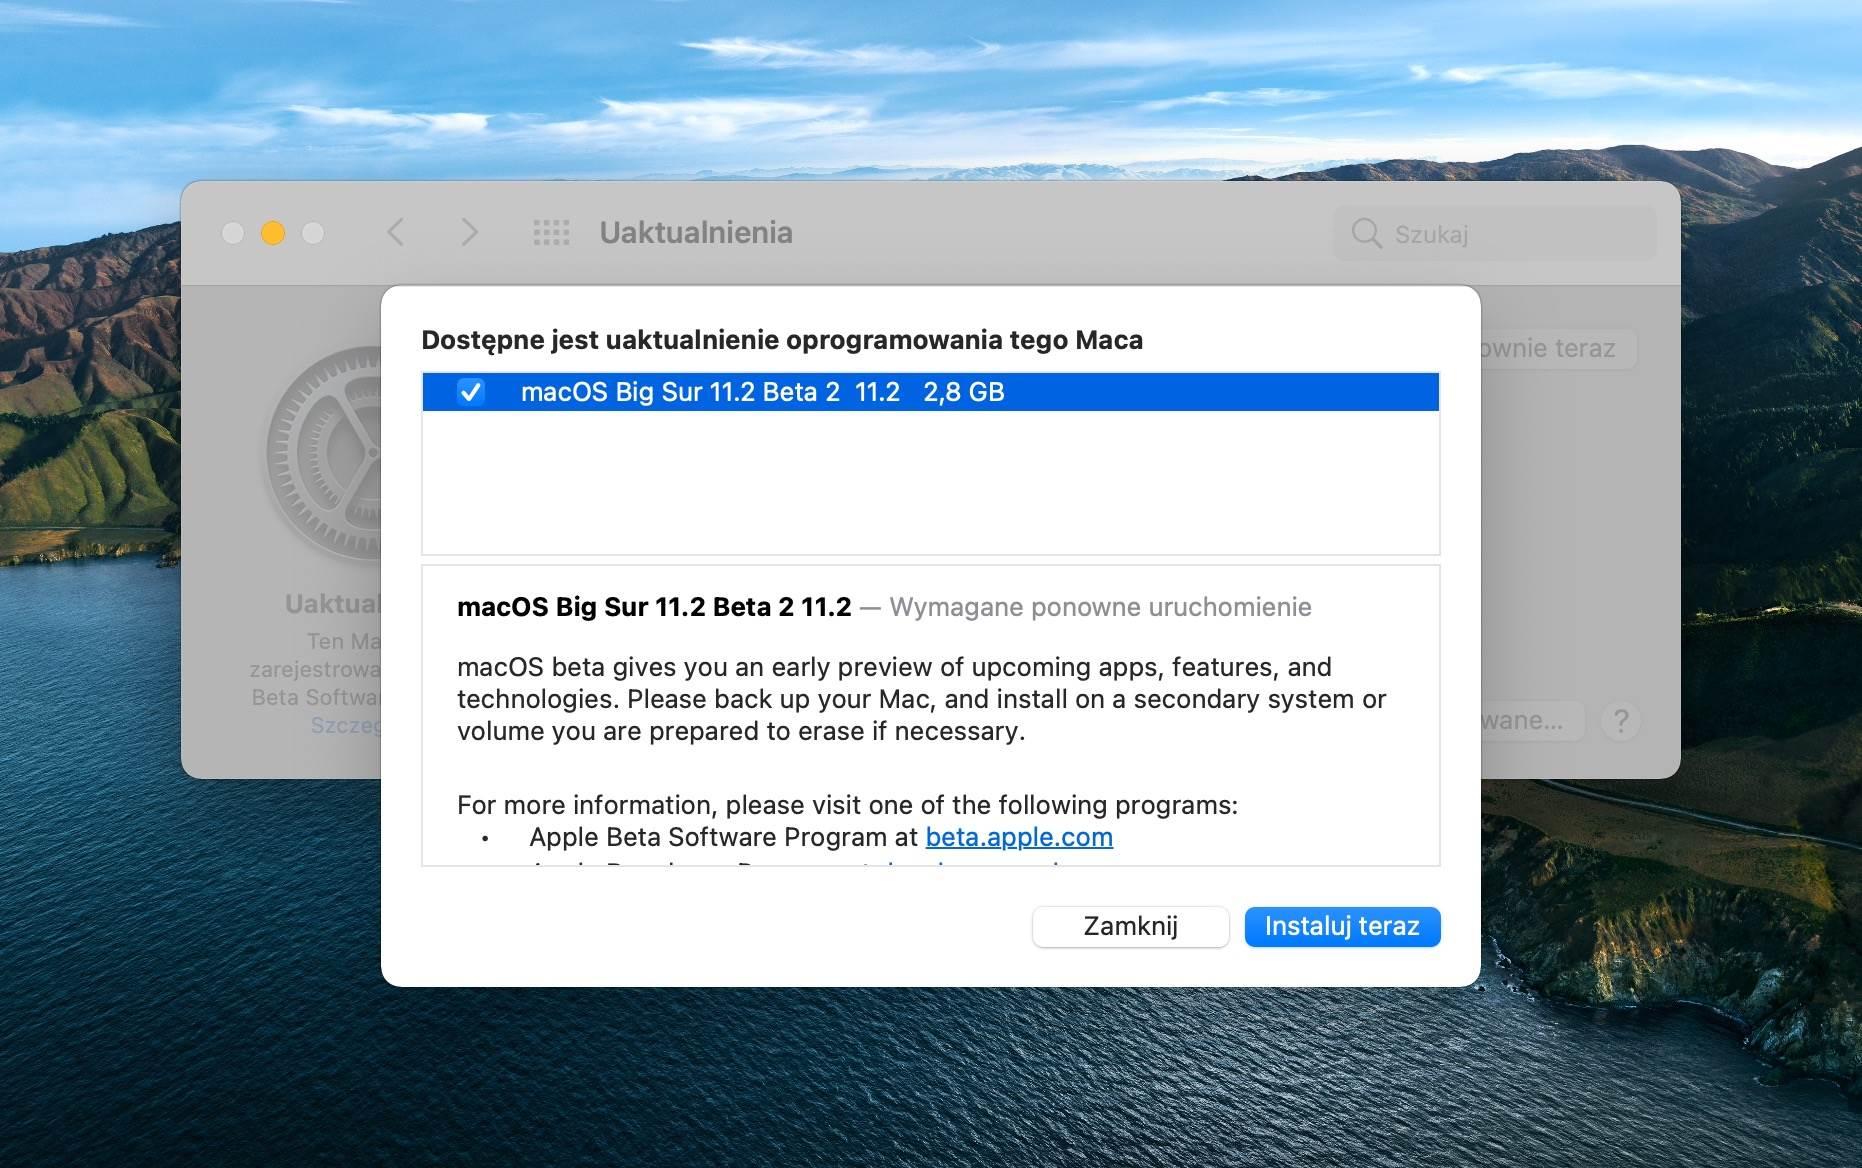 Apple wypuściło drugą betę macOS Big Sur 11.2 polecane, ciekawostki macOS Big Sur beta, macOS Big Sur 11.2, lista nowosci, co nowego  Dzisiaj wraz z nowymi wersjami testowymi iOS 14.4 i iPadOS 14.4, Apple wydało także drugą wersję beta macOS Big Sur 11.2 dla programistów. 1@2x 1